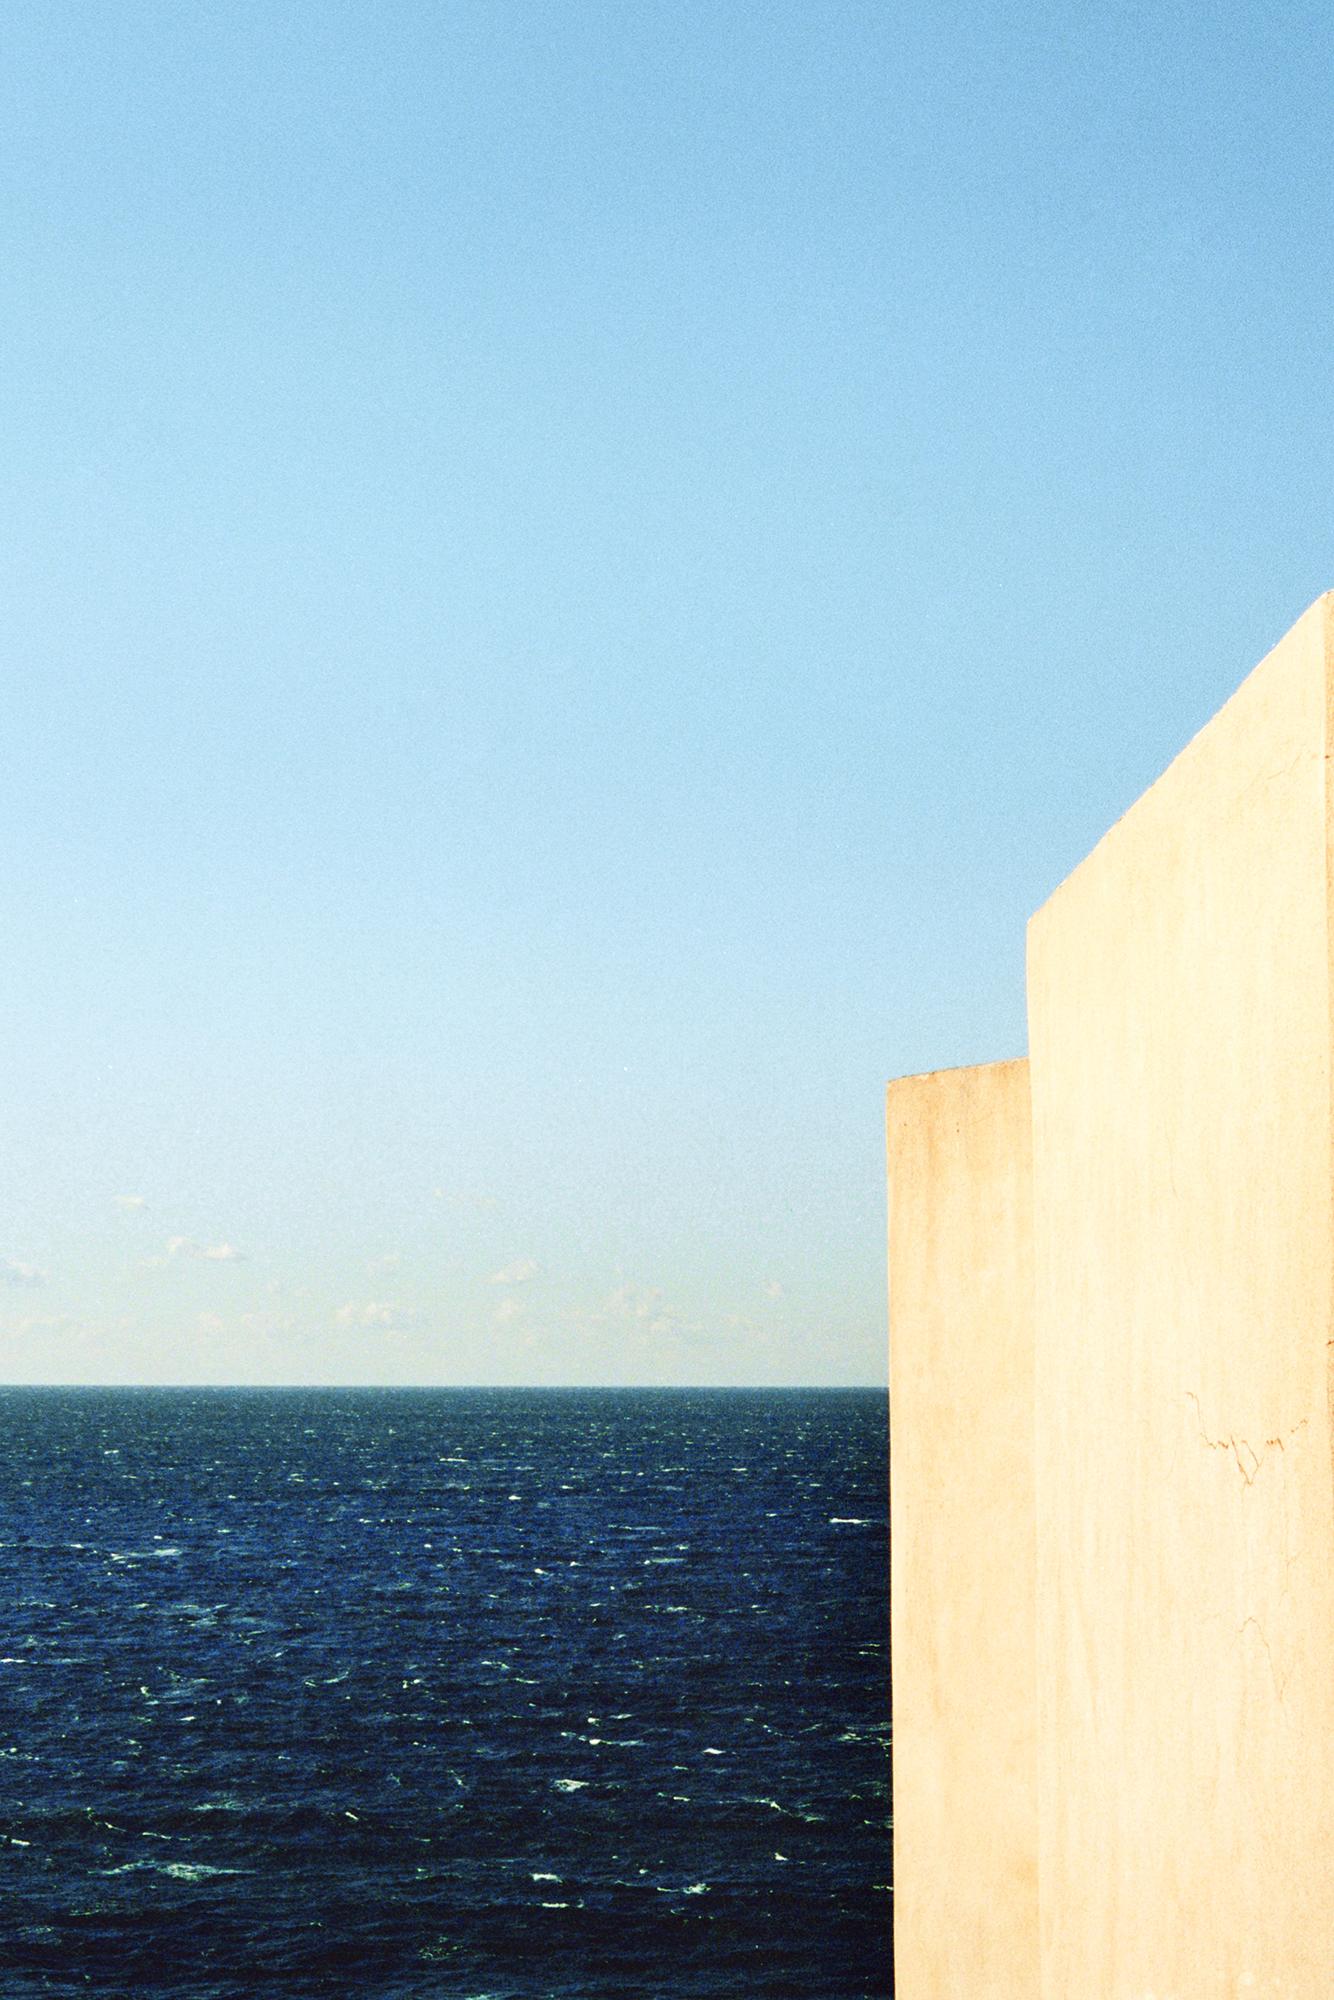 Fabien Rengade 3 (Mediterranean Citizens Story).jpg